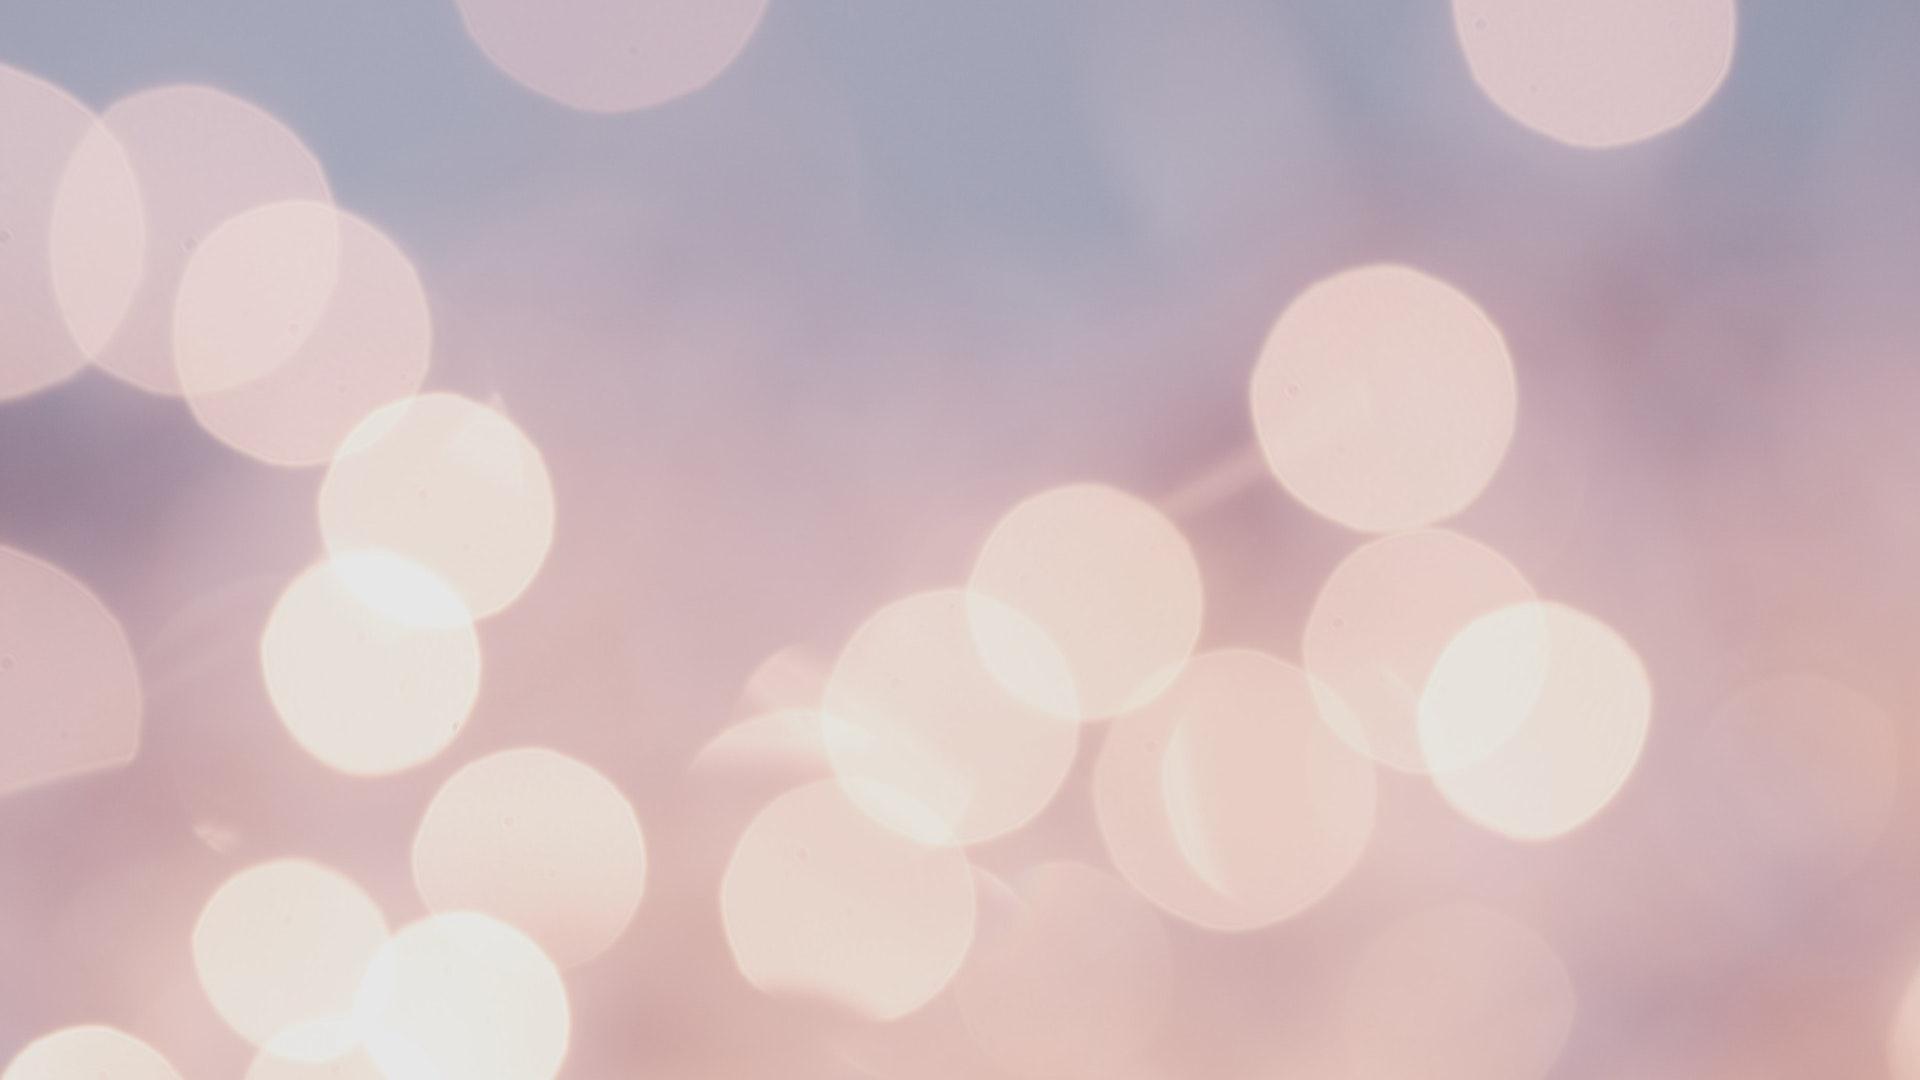 ピンクゴールドの光のボールの無料バーチャル背景素材